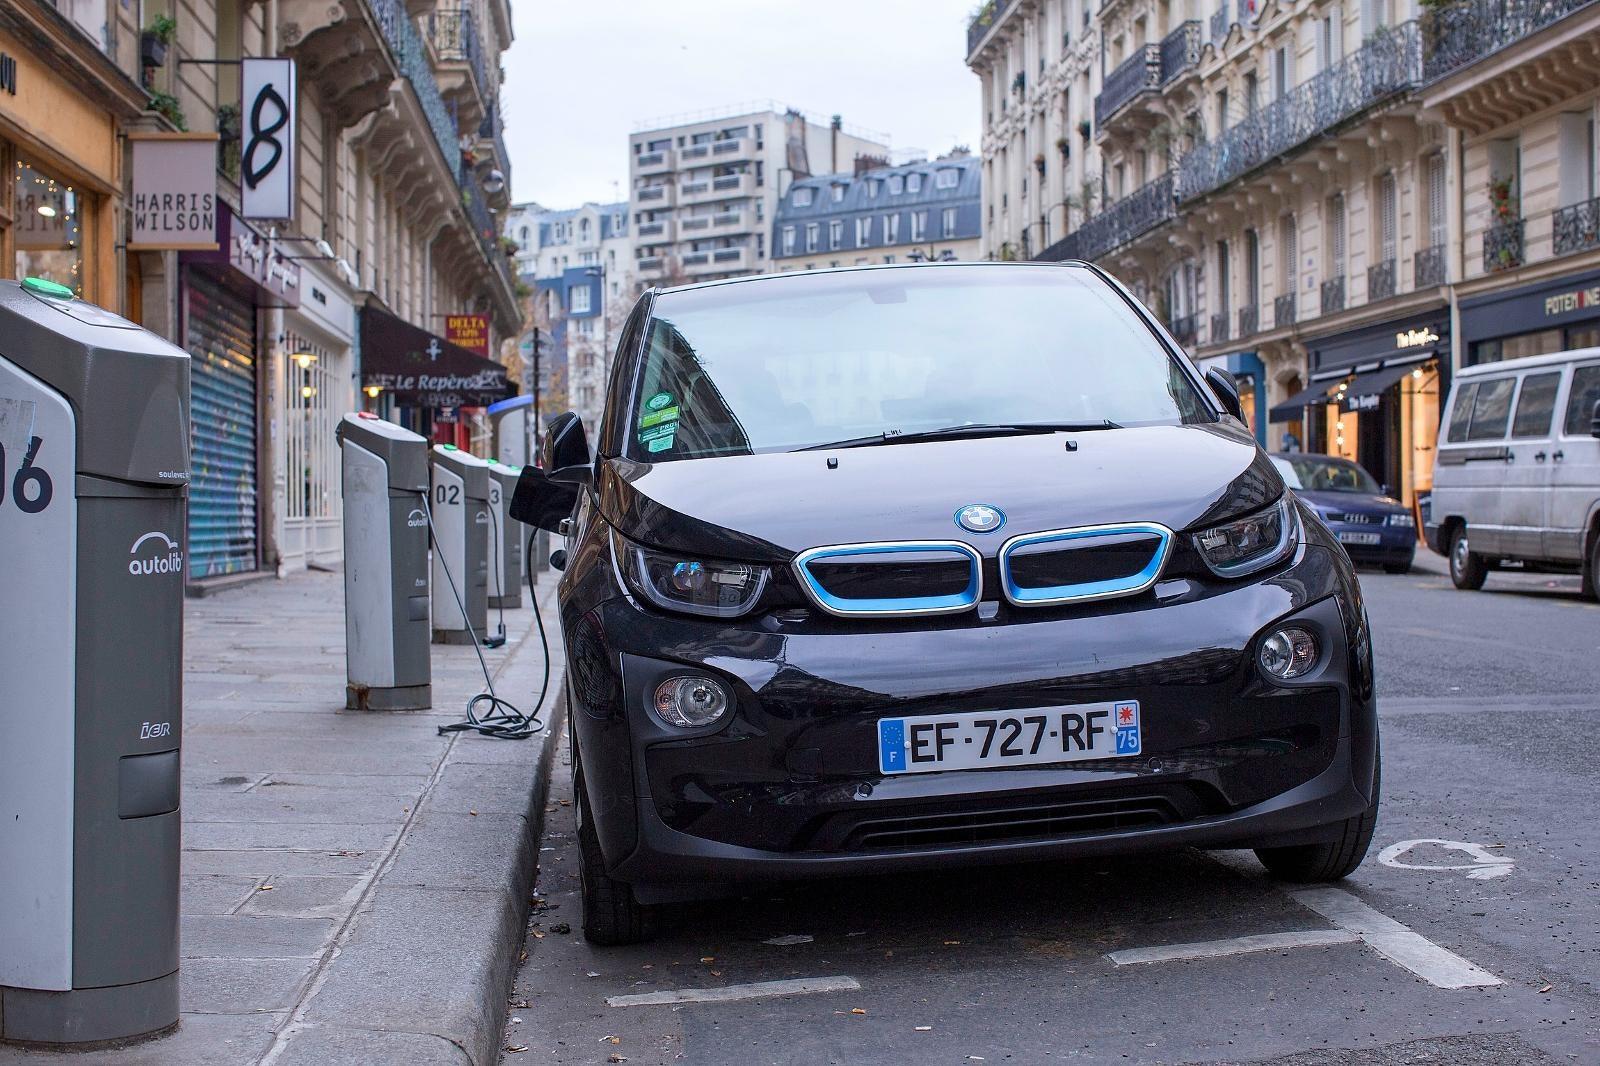 Duitse Fabrikanten Schieten Nog Niet Op Met Elektrische Auto